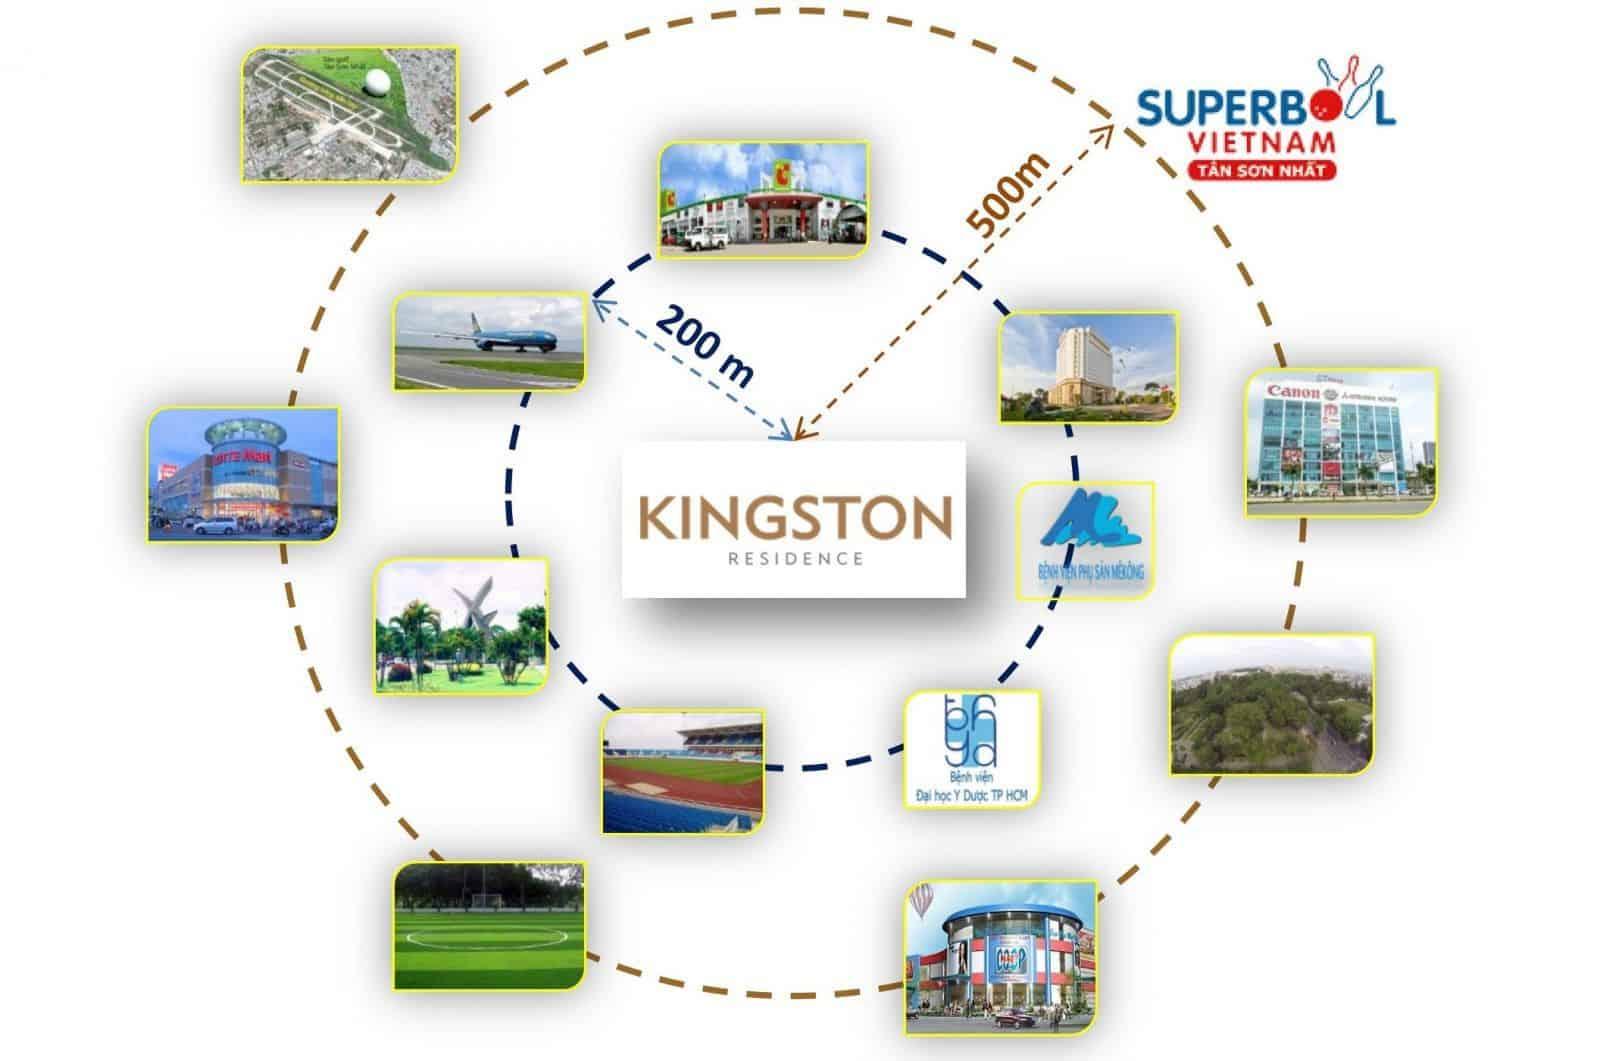 tiện ích căn hộ kingston residence